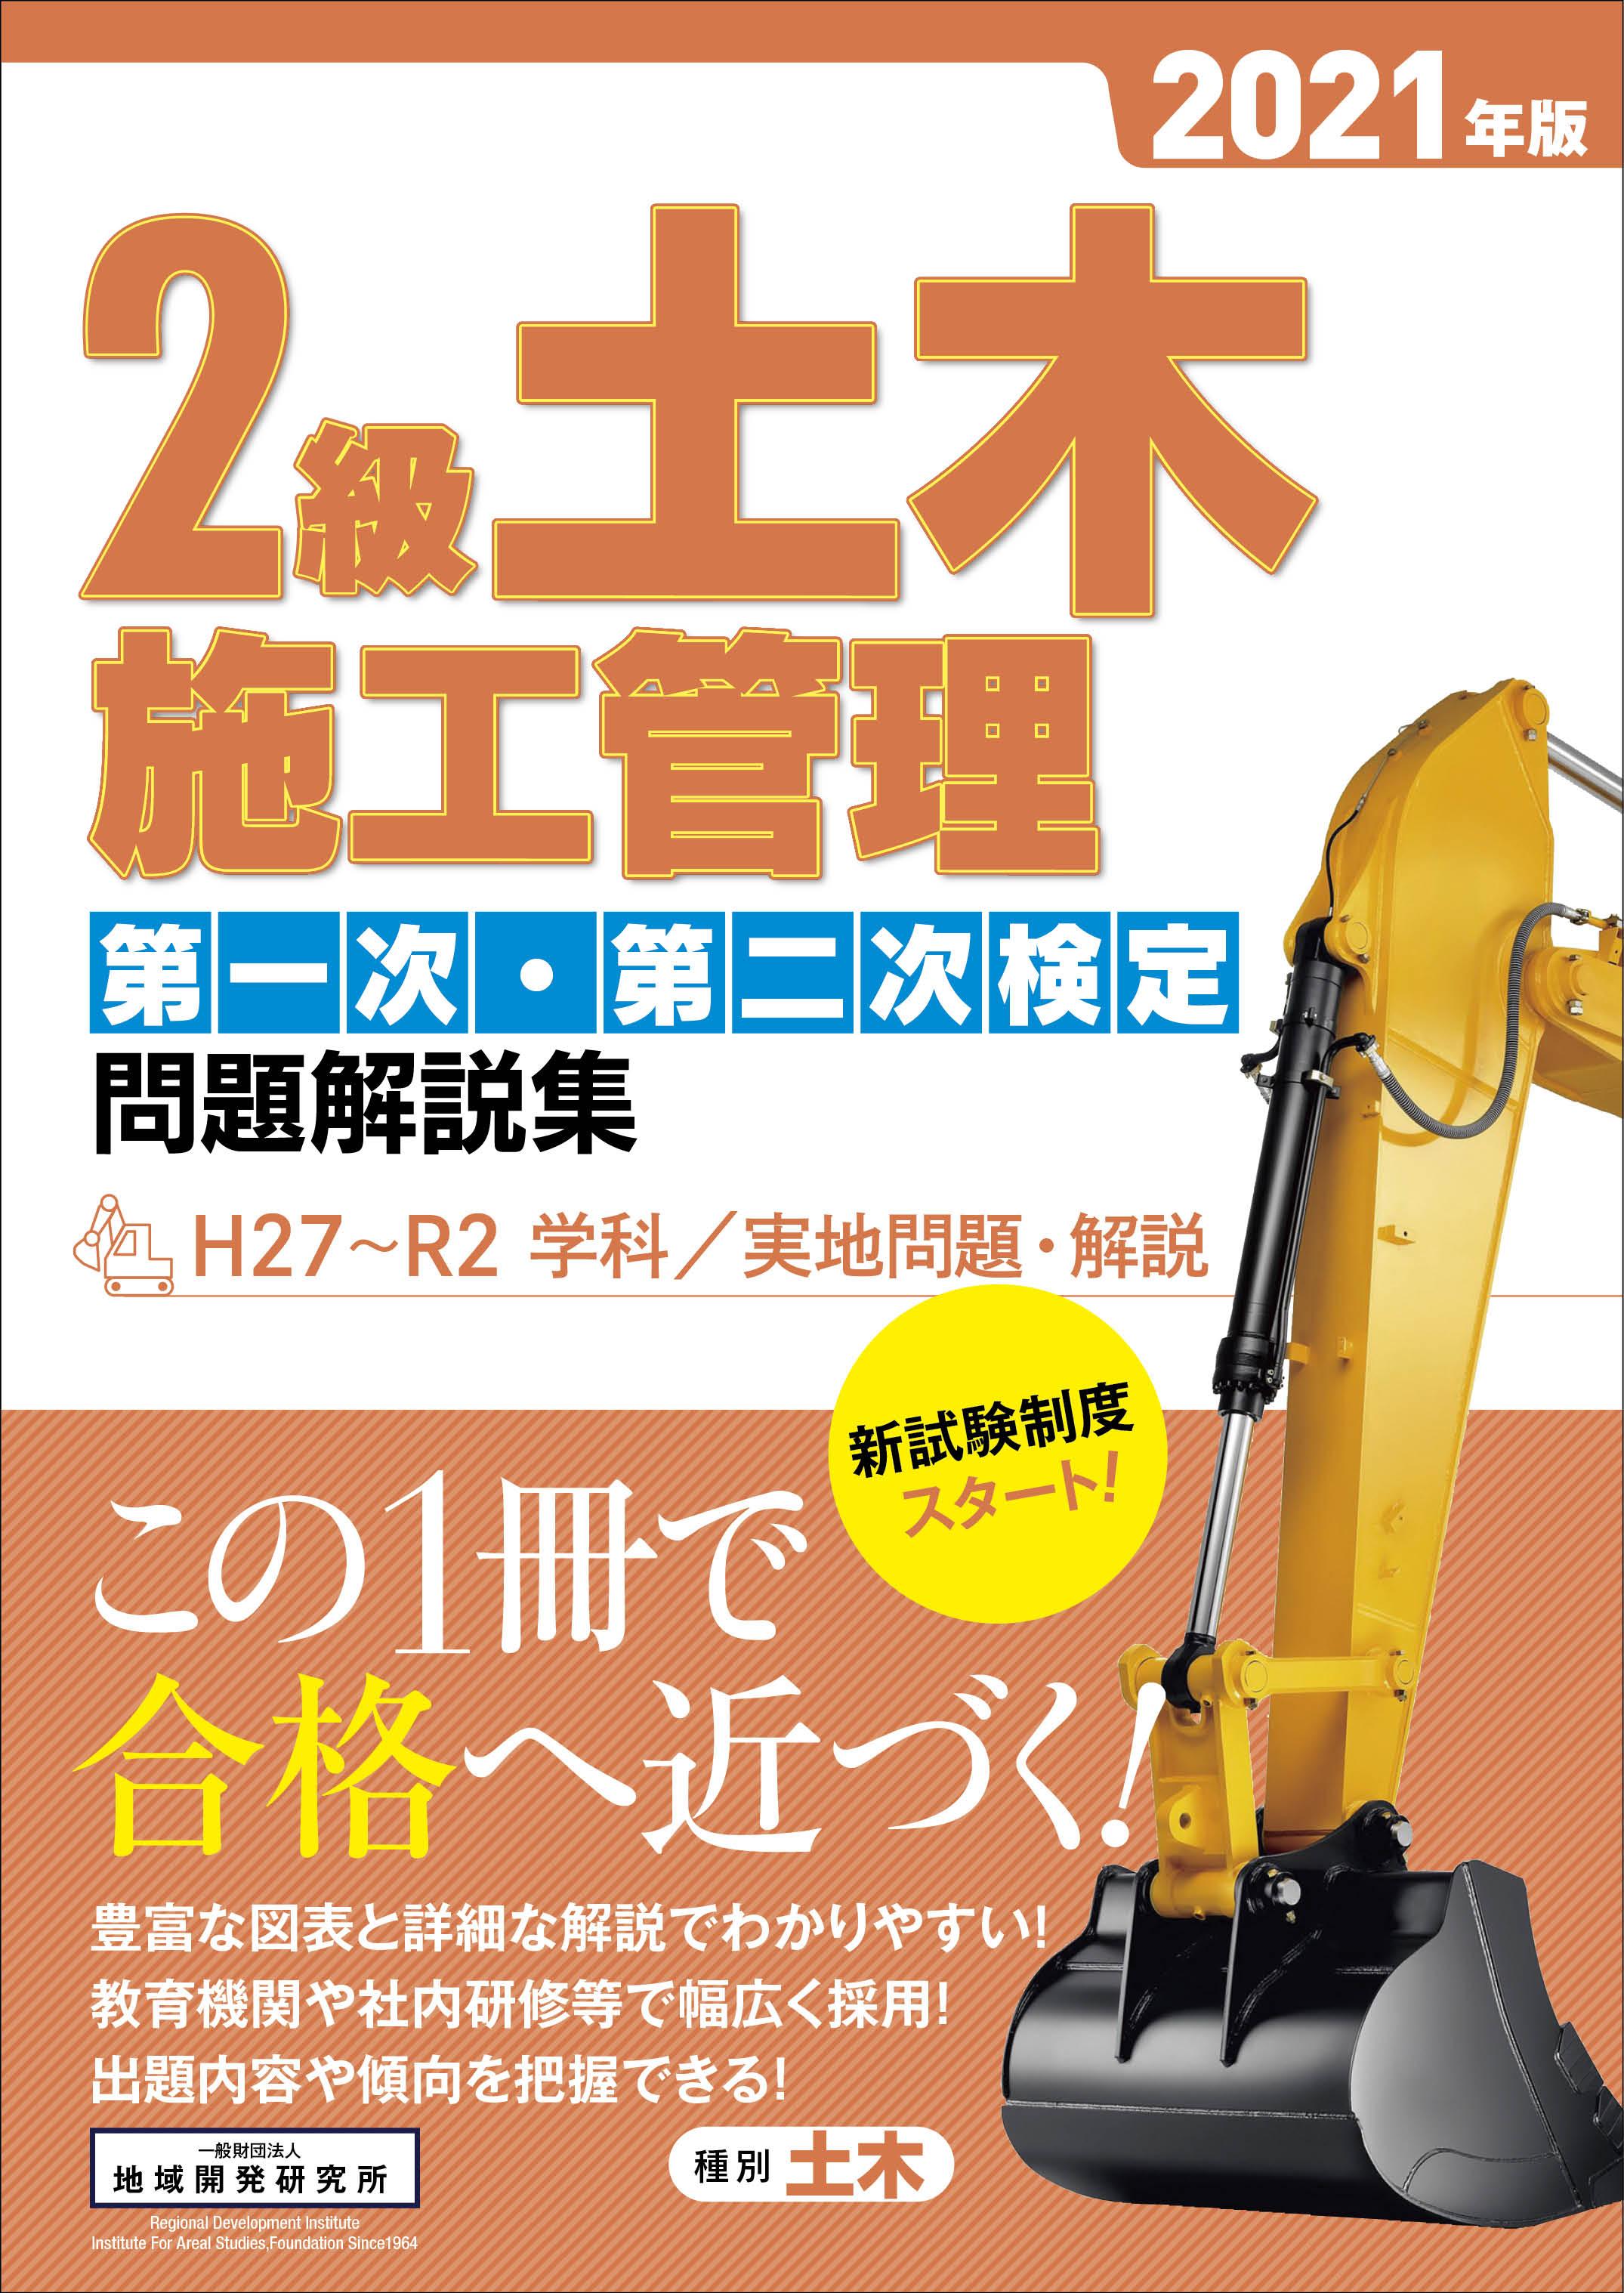 2級土木施工管理 第一次・第二次検定 問題解説集 2021年版